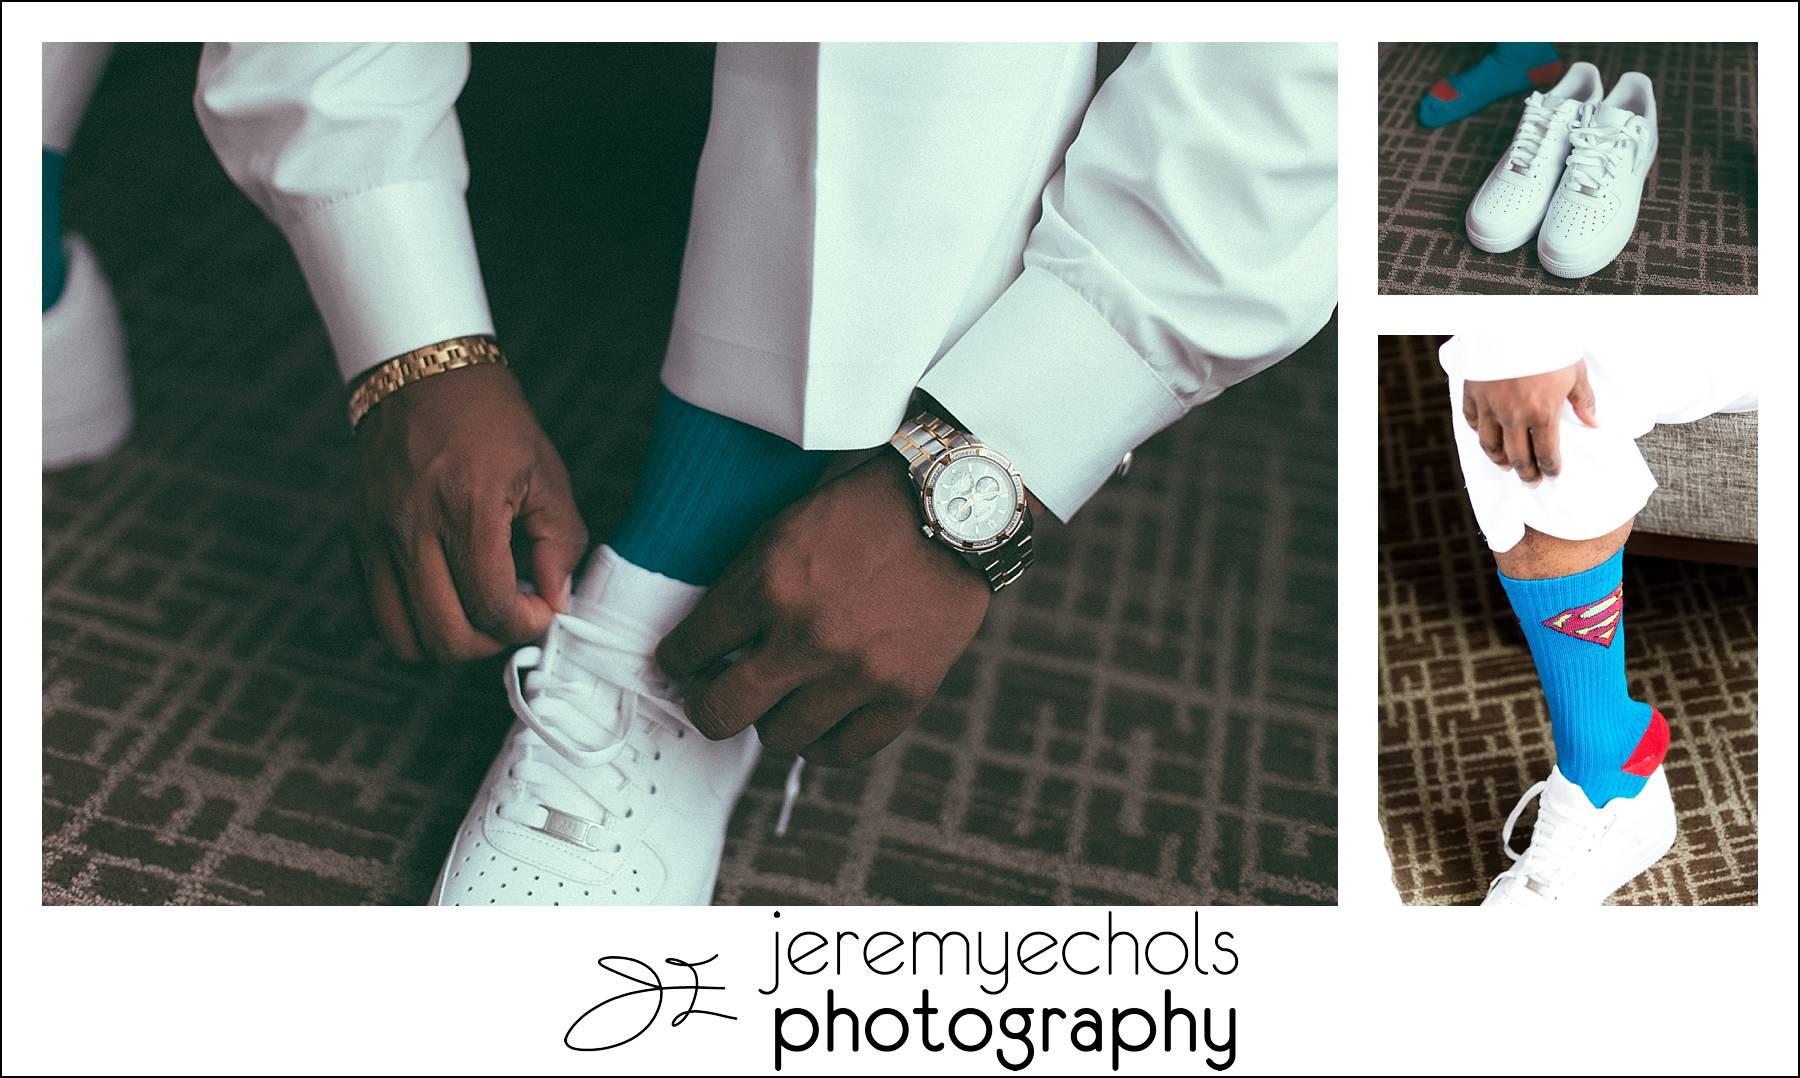 Marcus-Chelsea-Tacoma-Wedding-Photography-220_WEB.jpg